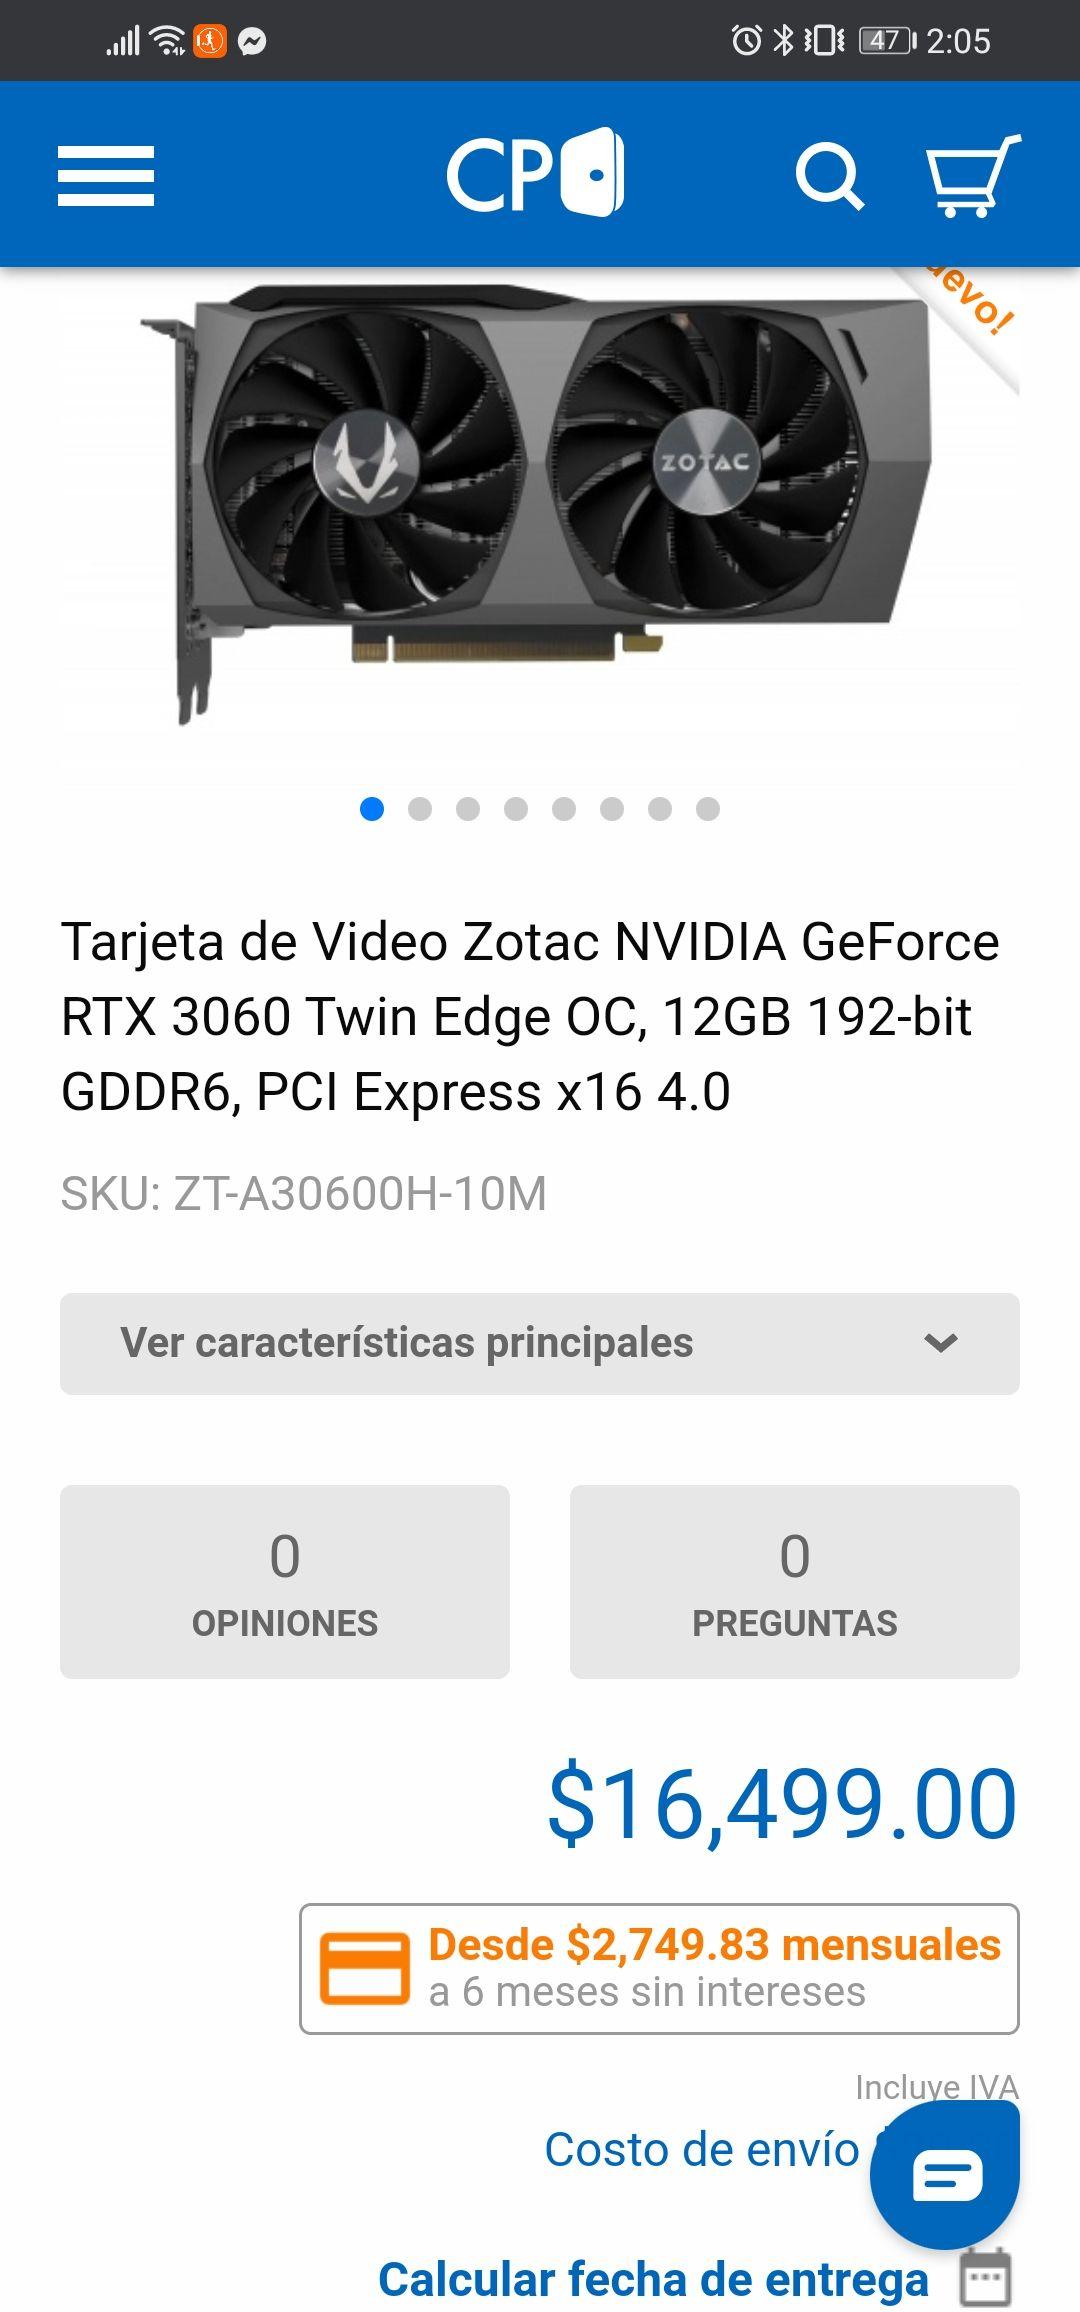 CyberPuerta: RTX 3060 a buen precio